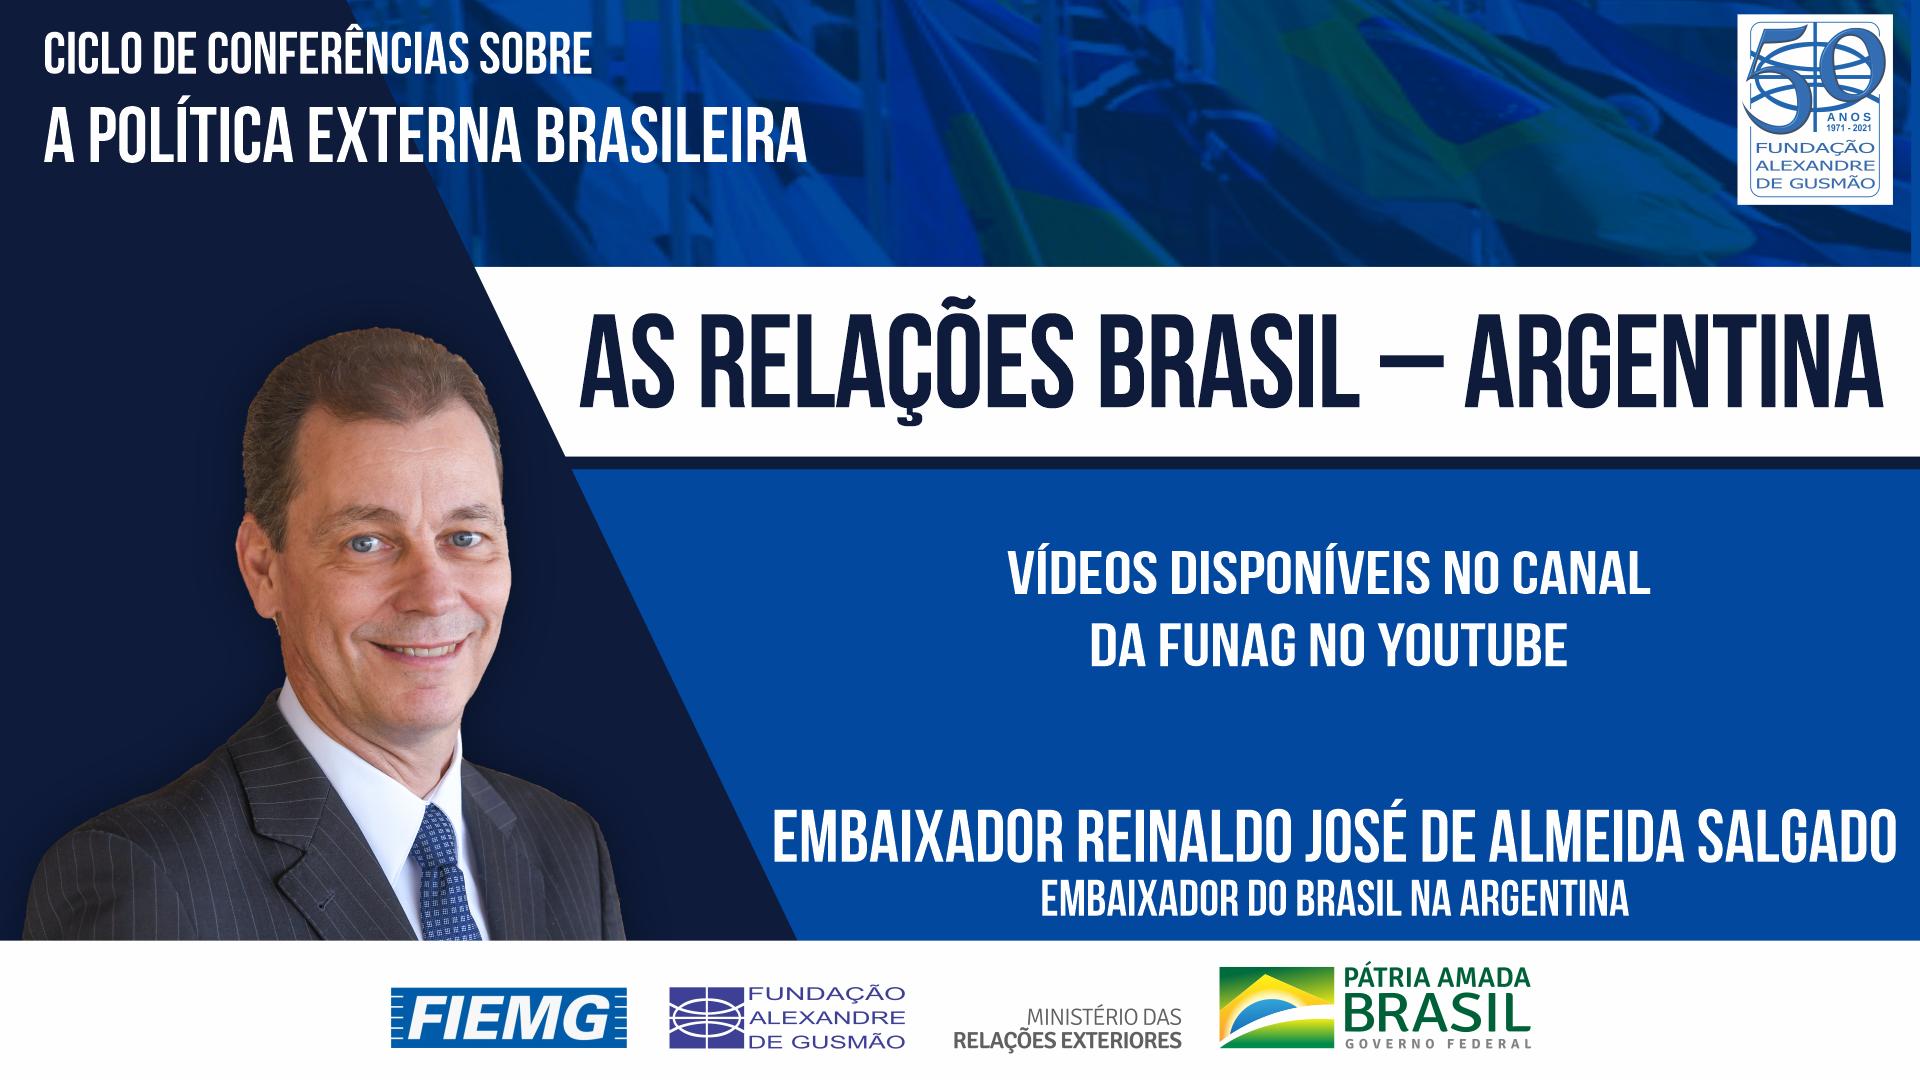 Assista aos vídeos da conferência do Embaixador do Brasil na Argentina, Reinaldo de Almeida Salgado